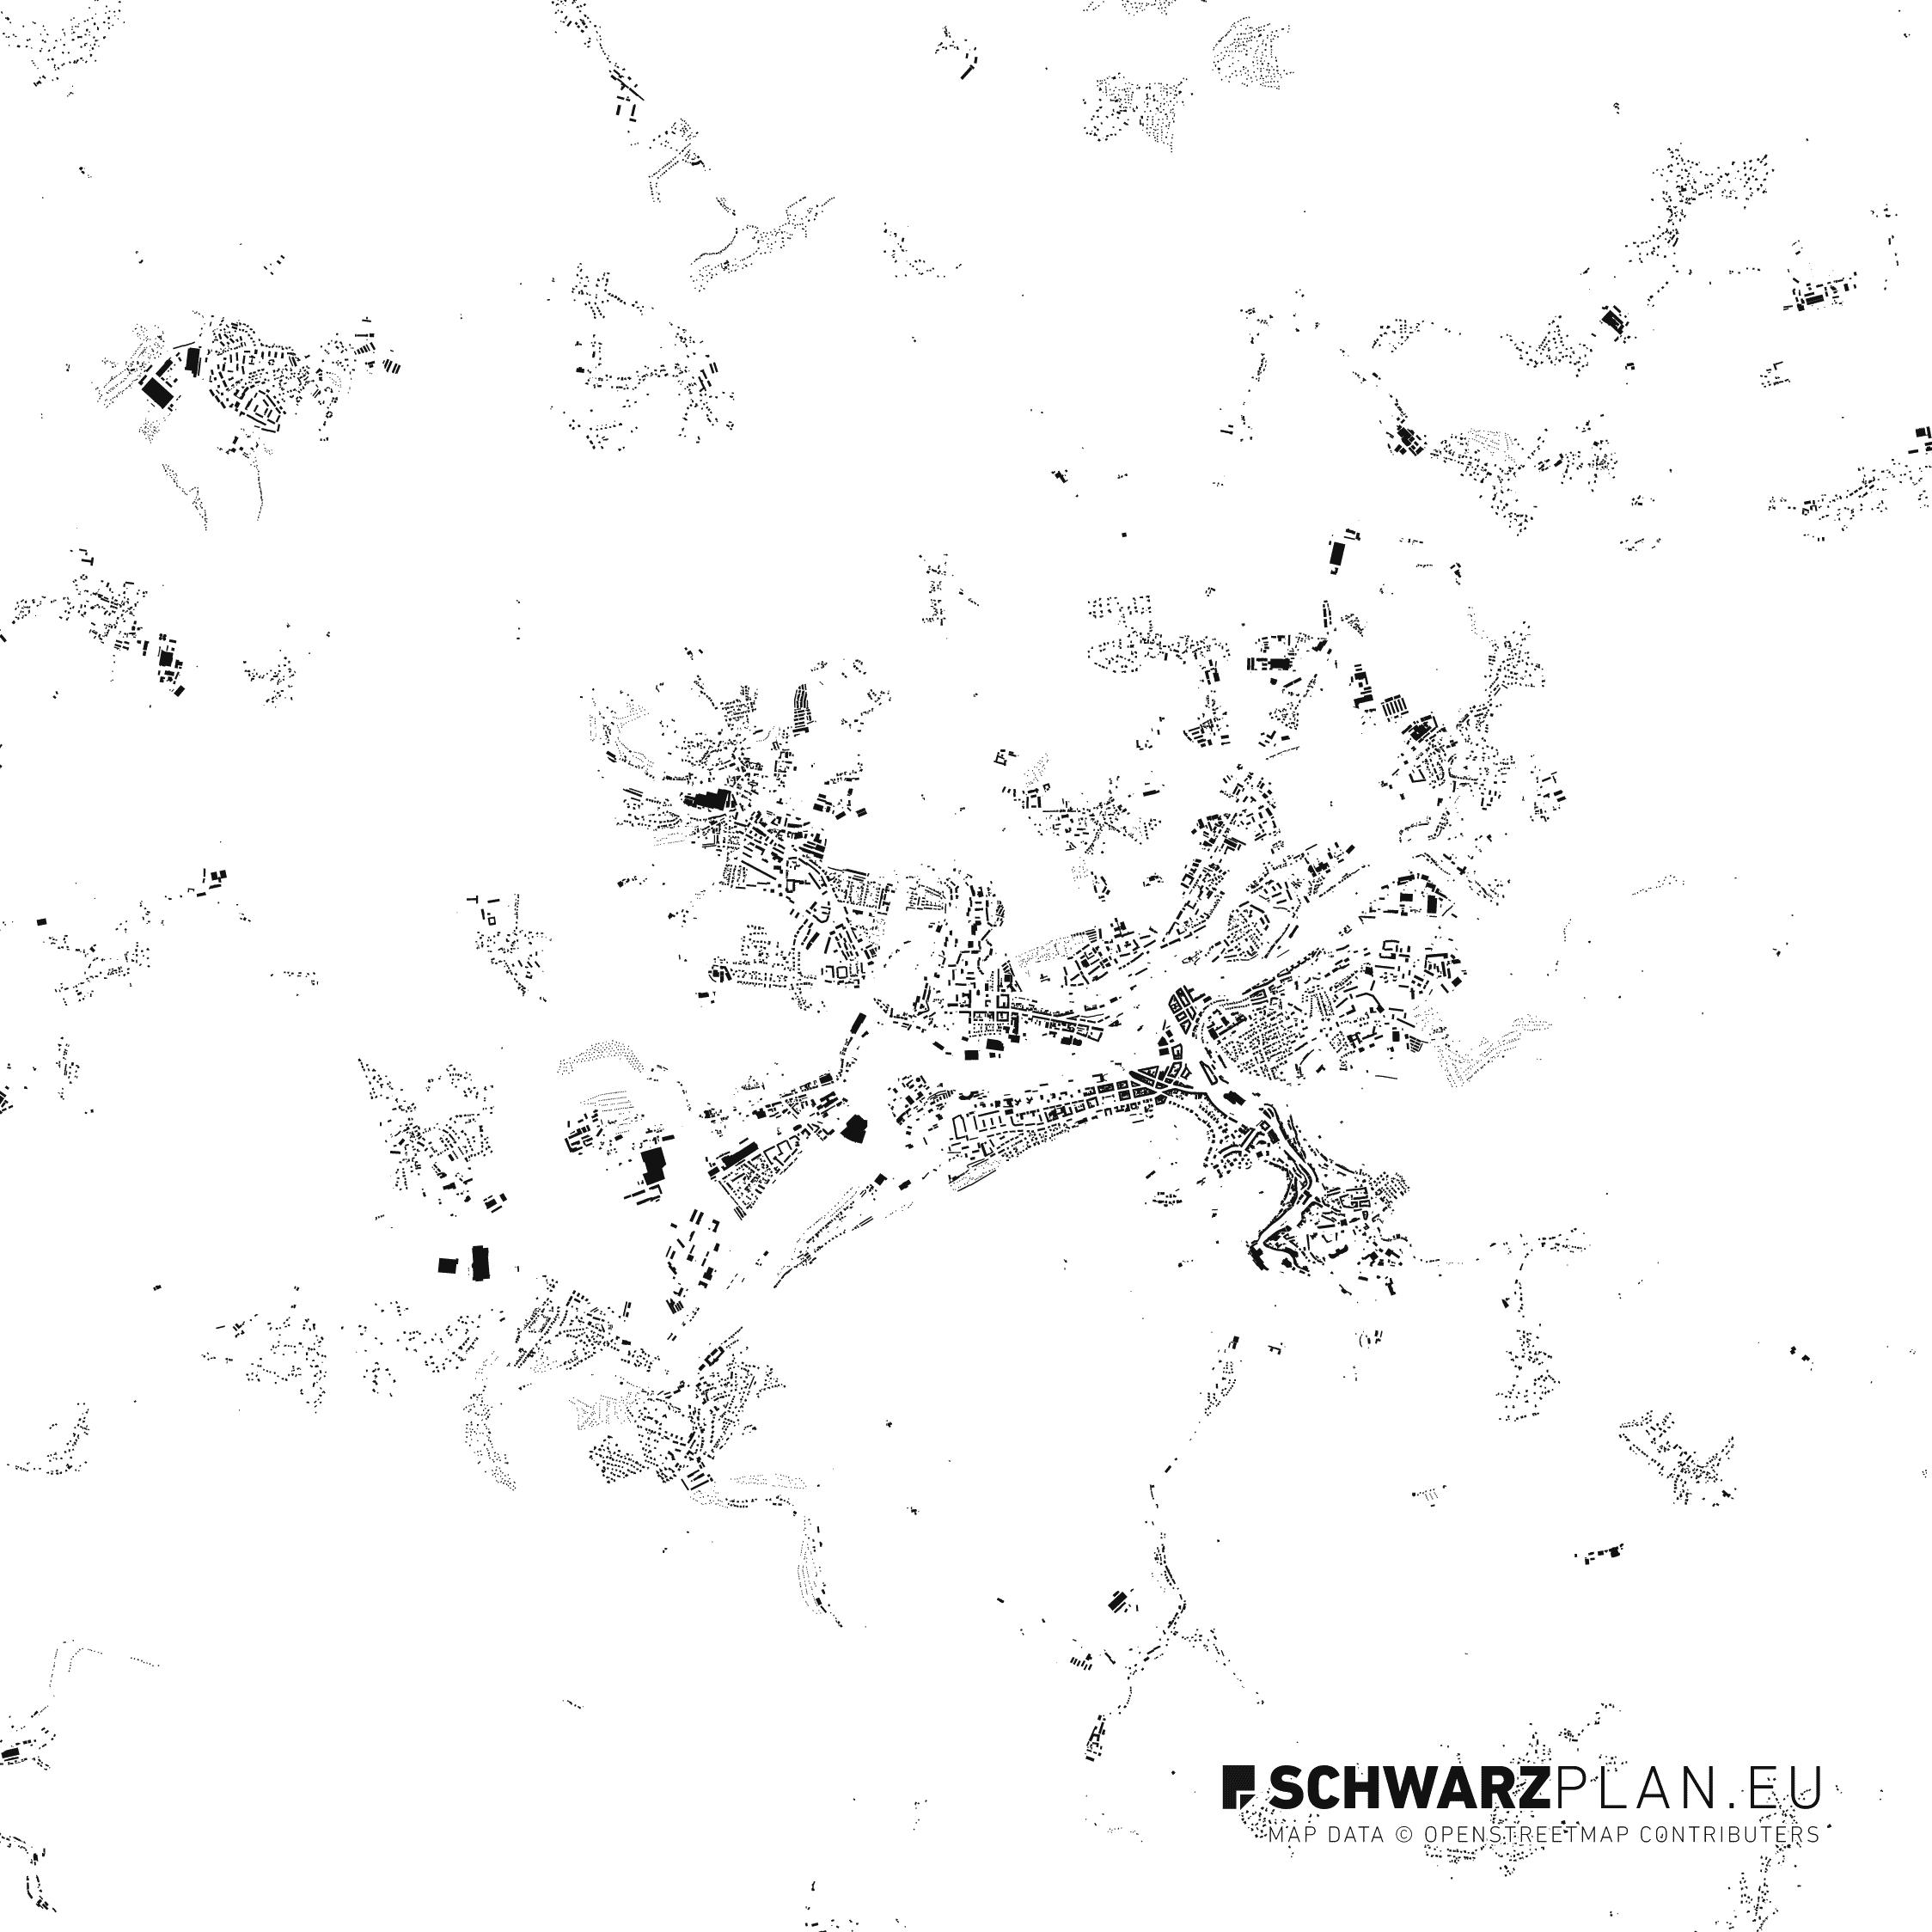 Figure Ground Plan of Karlovy Vary